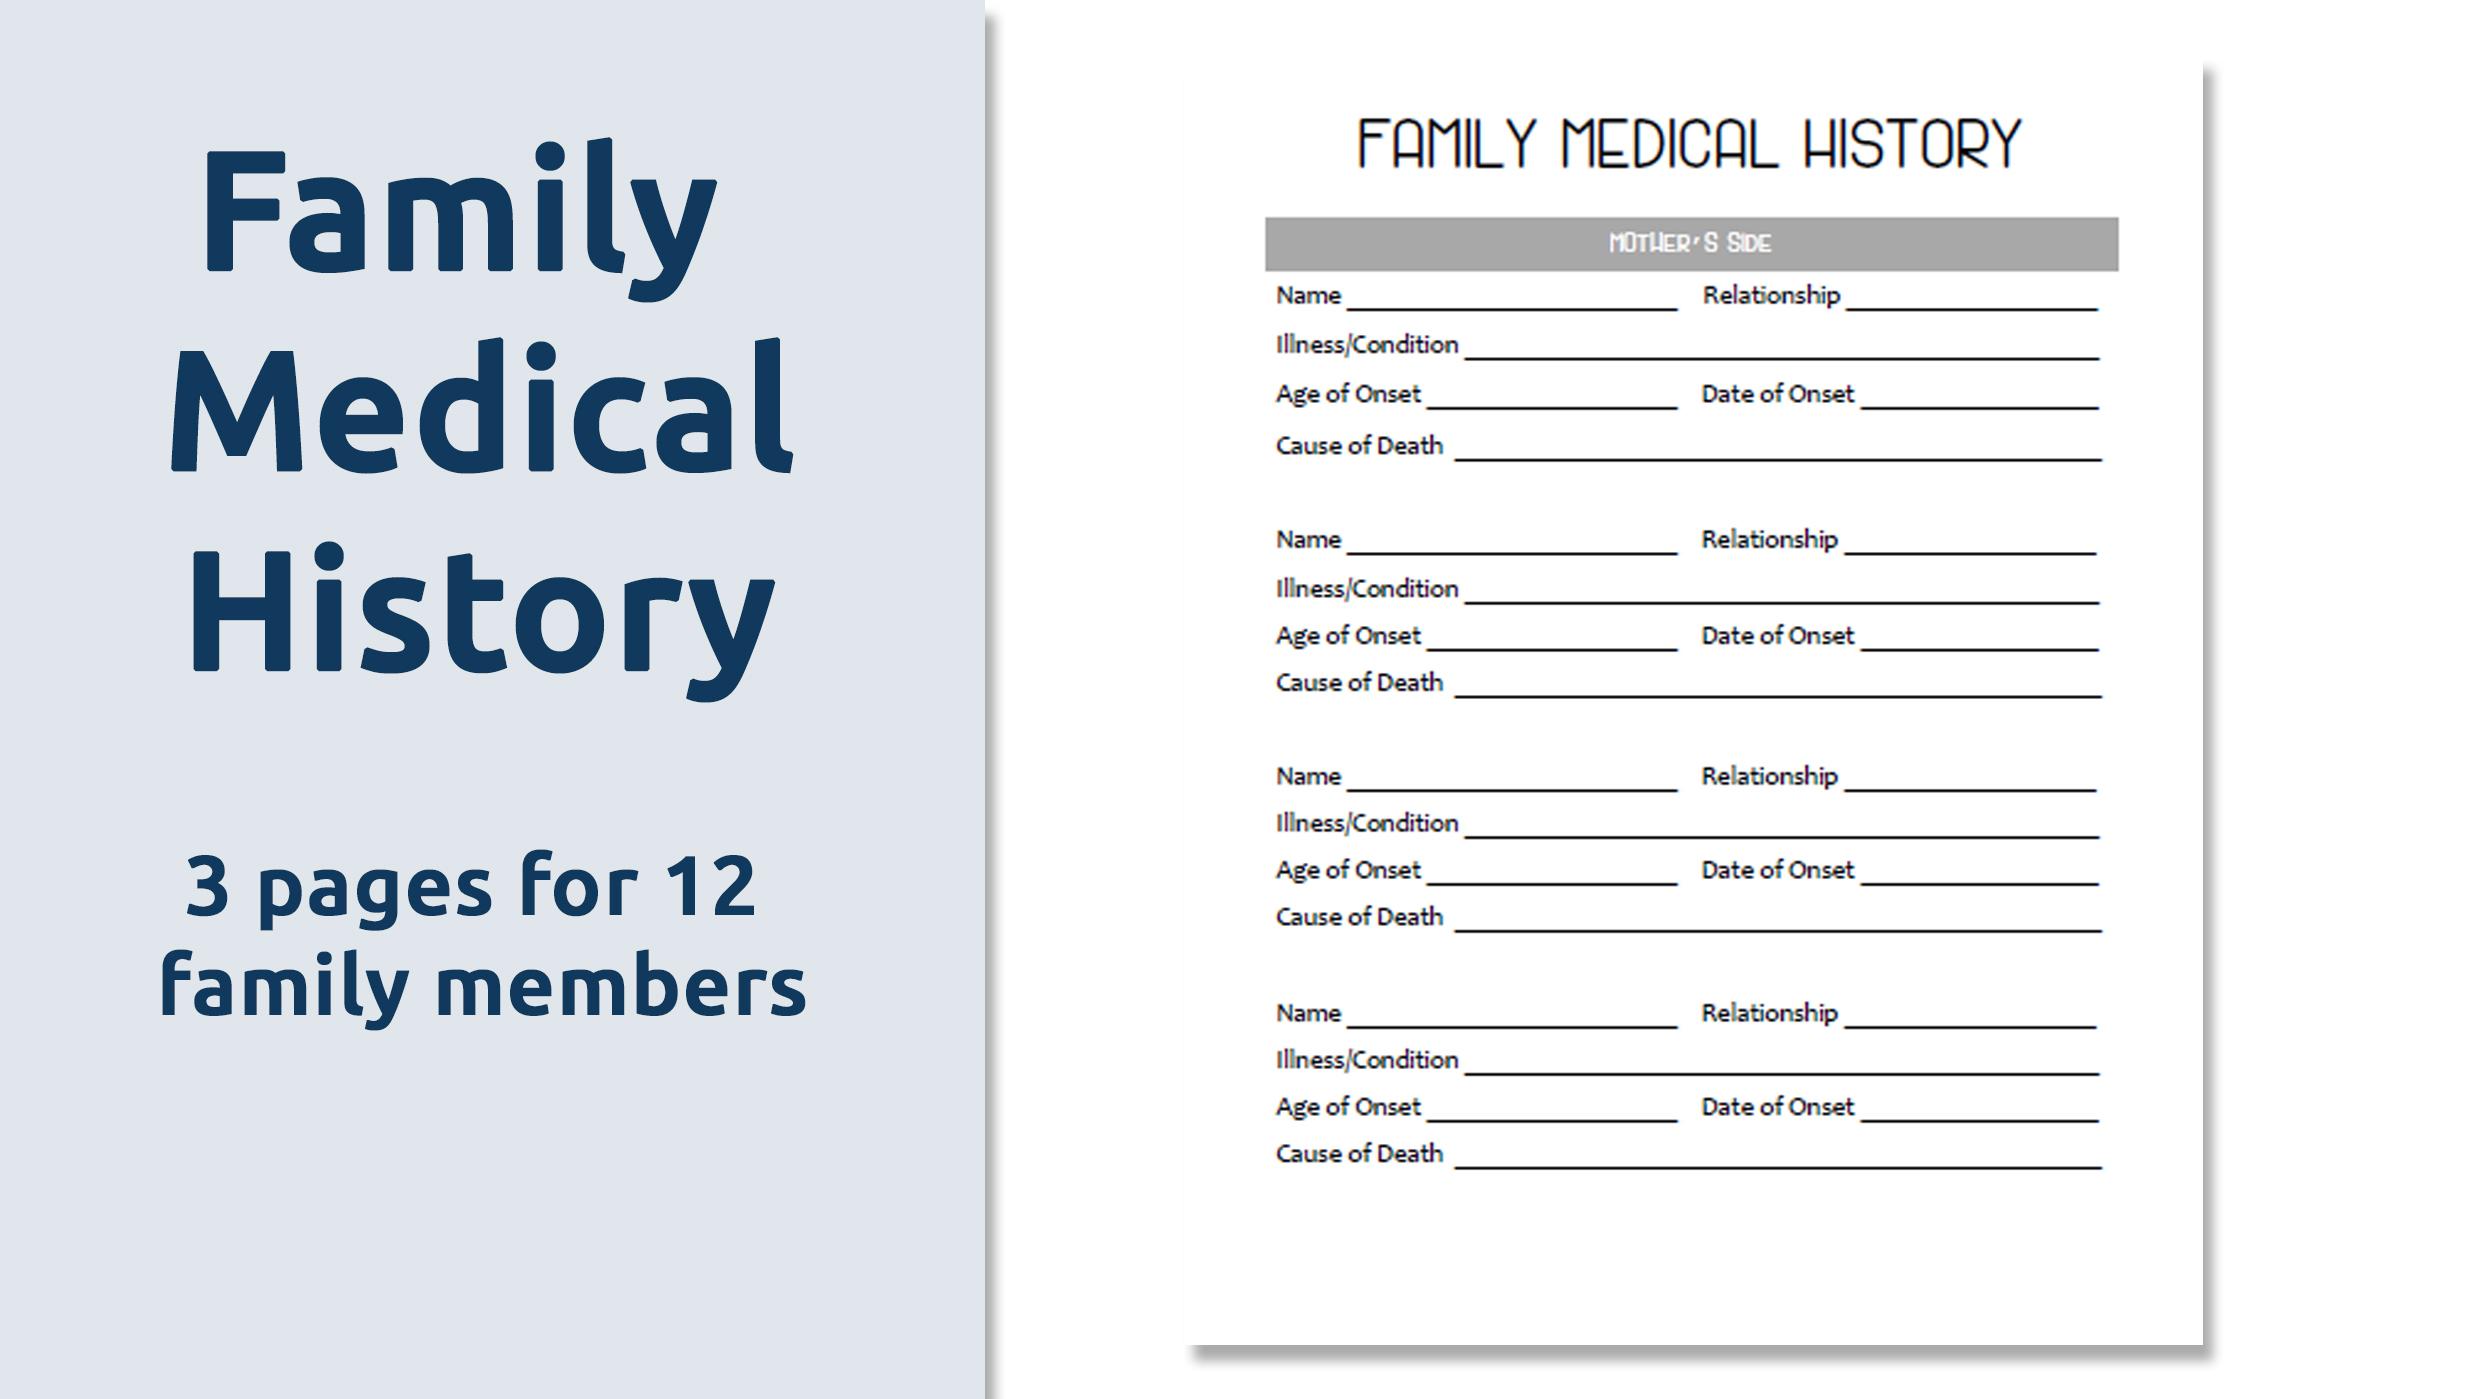 Family Medical History.jpg